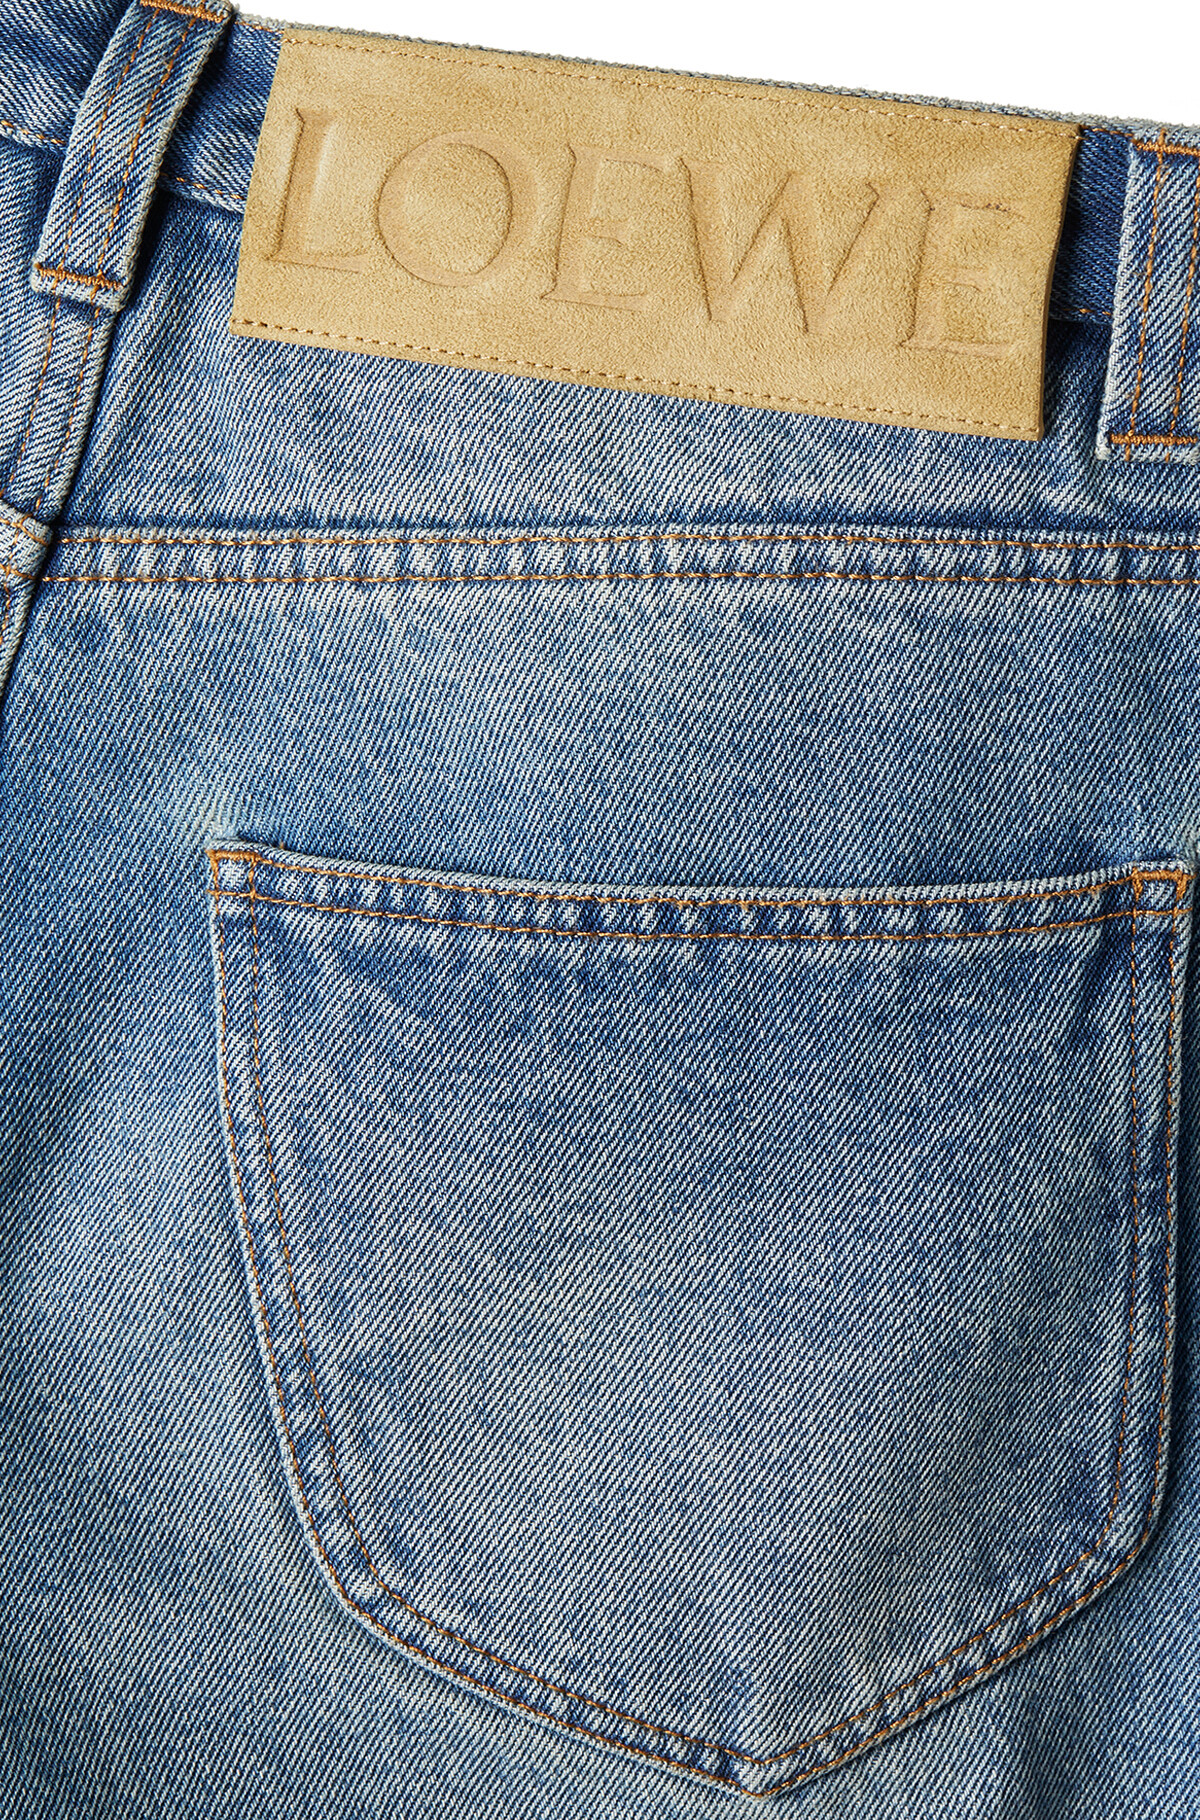 LOEWE 5 Pockets Jeans Washed Denim front